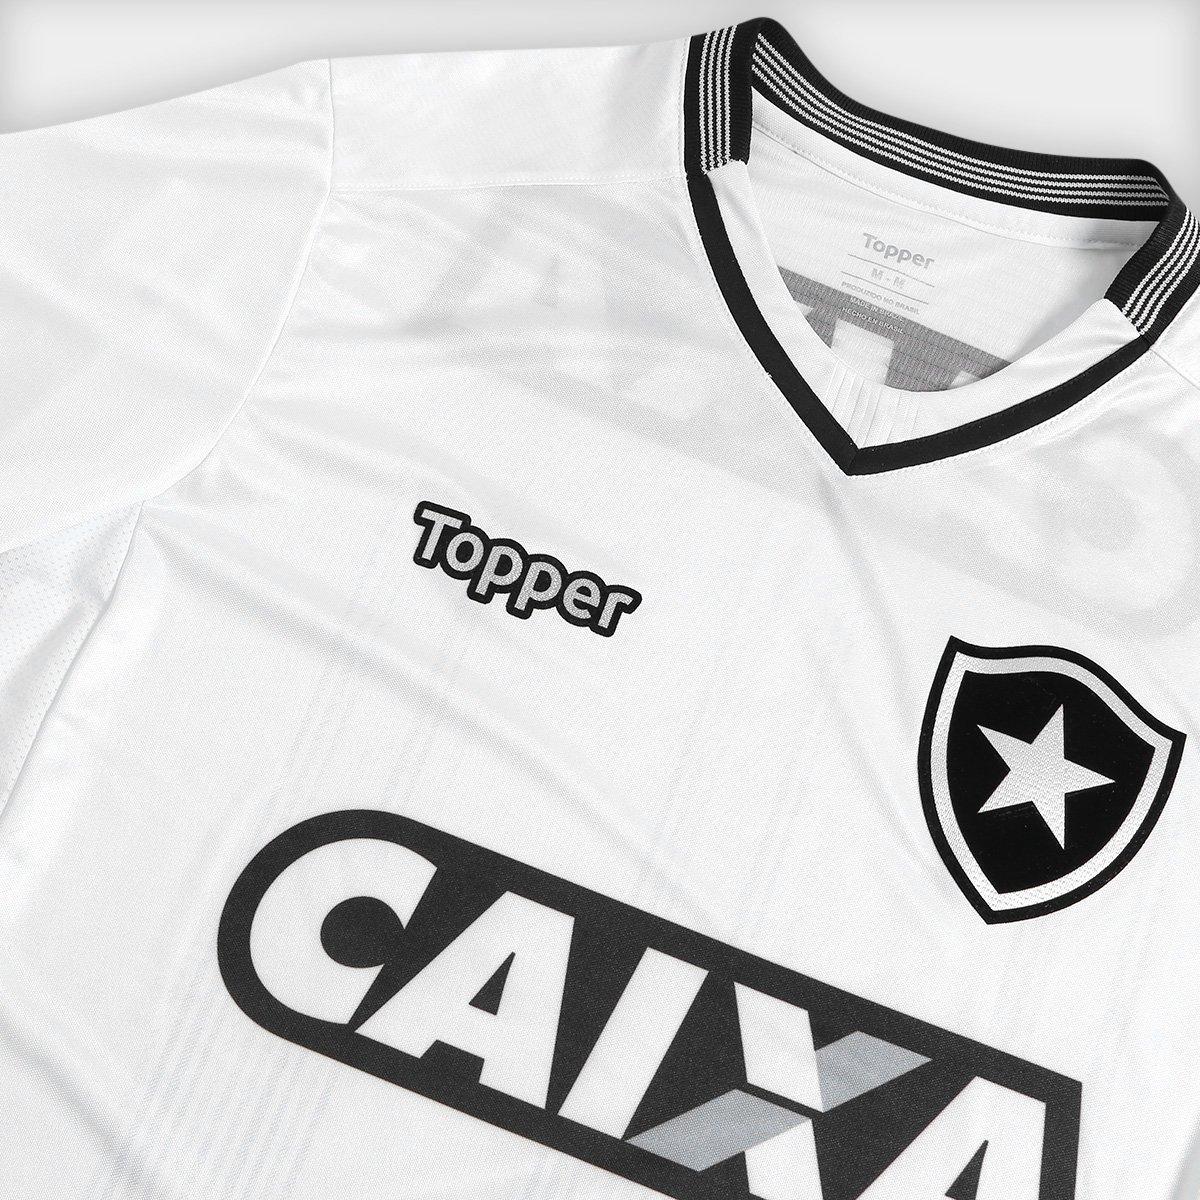 4ab24f606c Camisa Botafogo III 2018 s n° Torcedor Topper Masculina - Branco ...